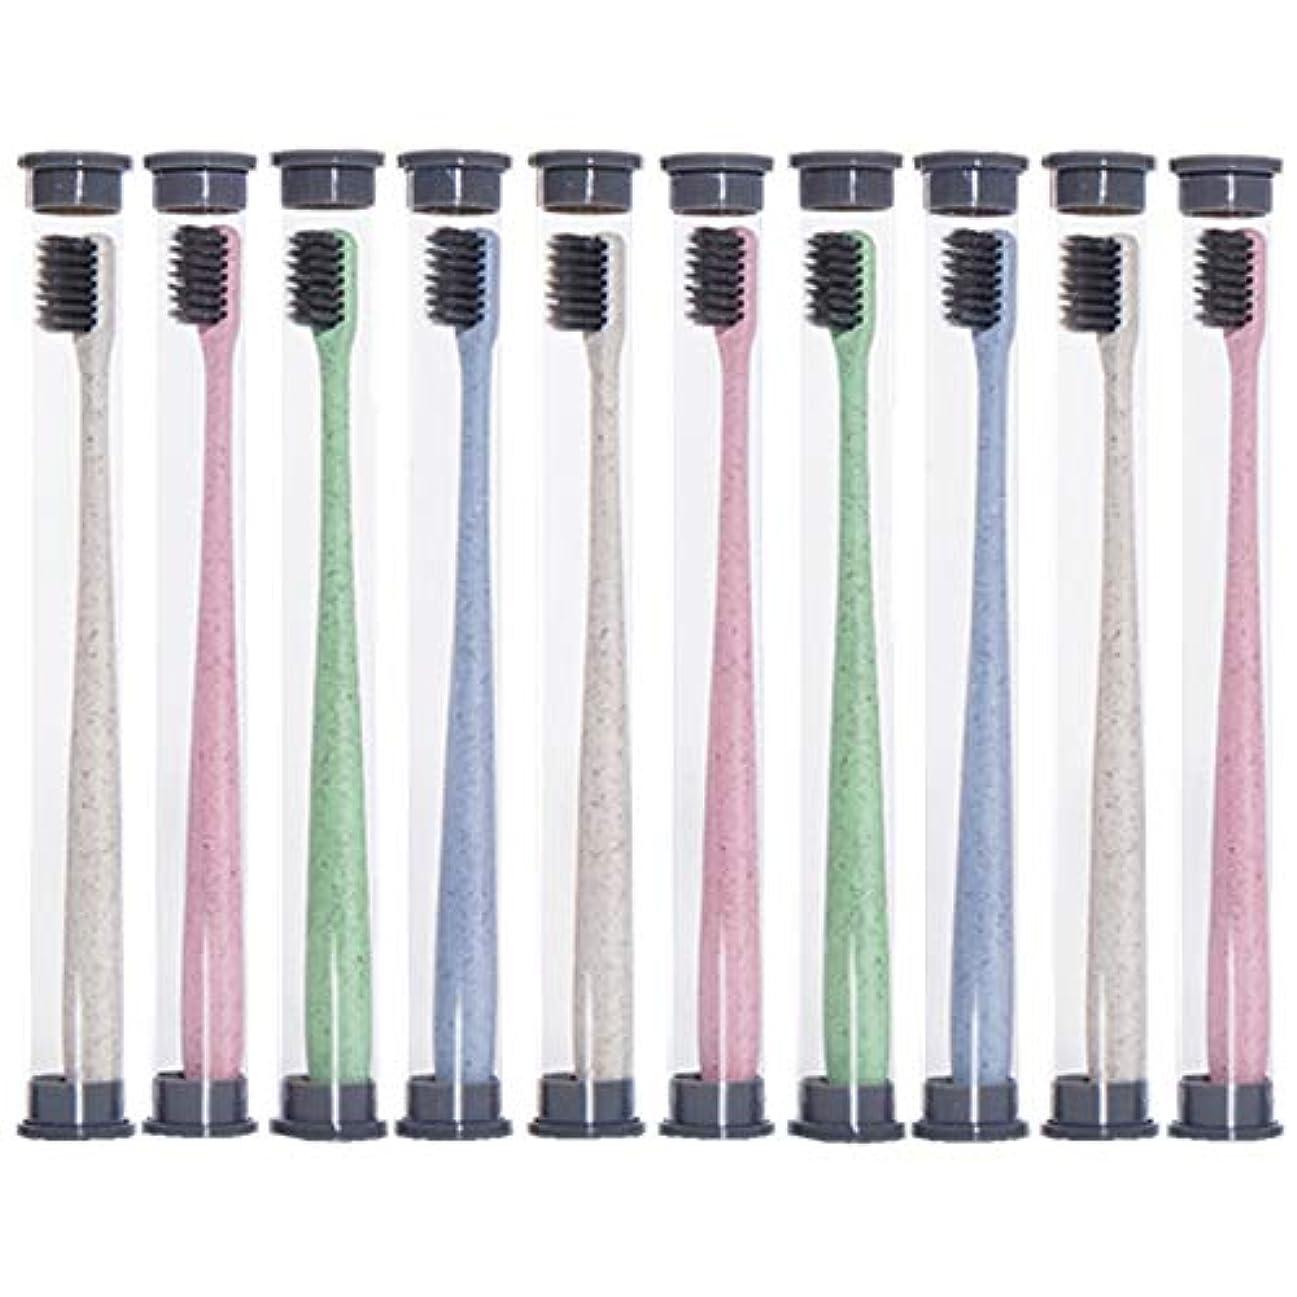 乳白に対処する限定歯ブラシ 麦わら歯ブラシ、旅行携帯用歯ブラシ、ミディアムブラシヘッドソフト歯ブラシ - 10パック HL (色 : 10 packs)